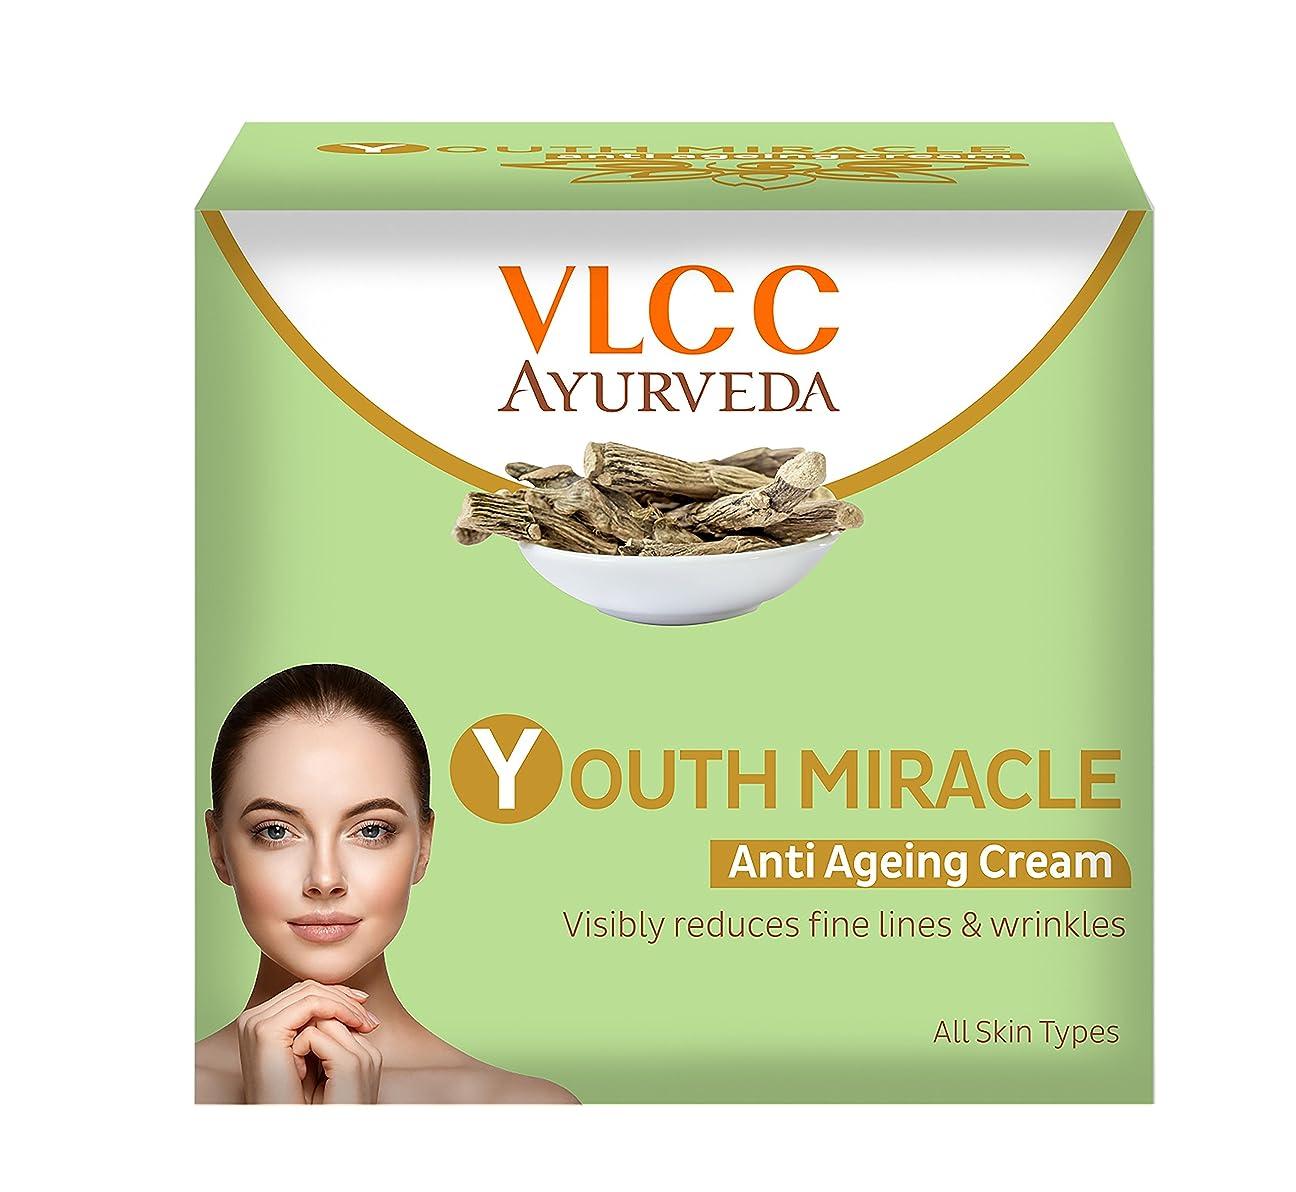 どっちでもアルカイックテクトニックVLCC Ayurveda Youth Miracle Anti Ageing Cream, 50g